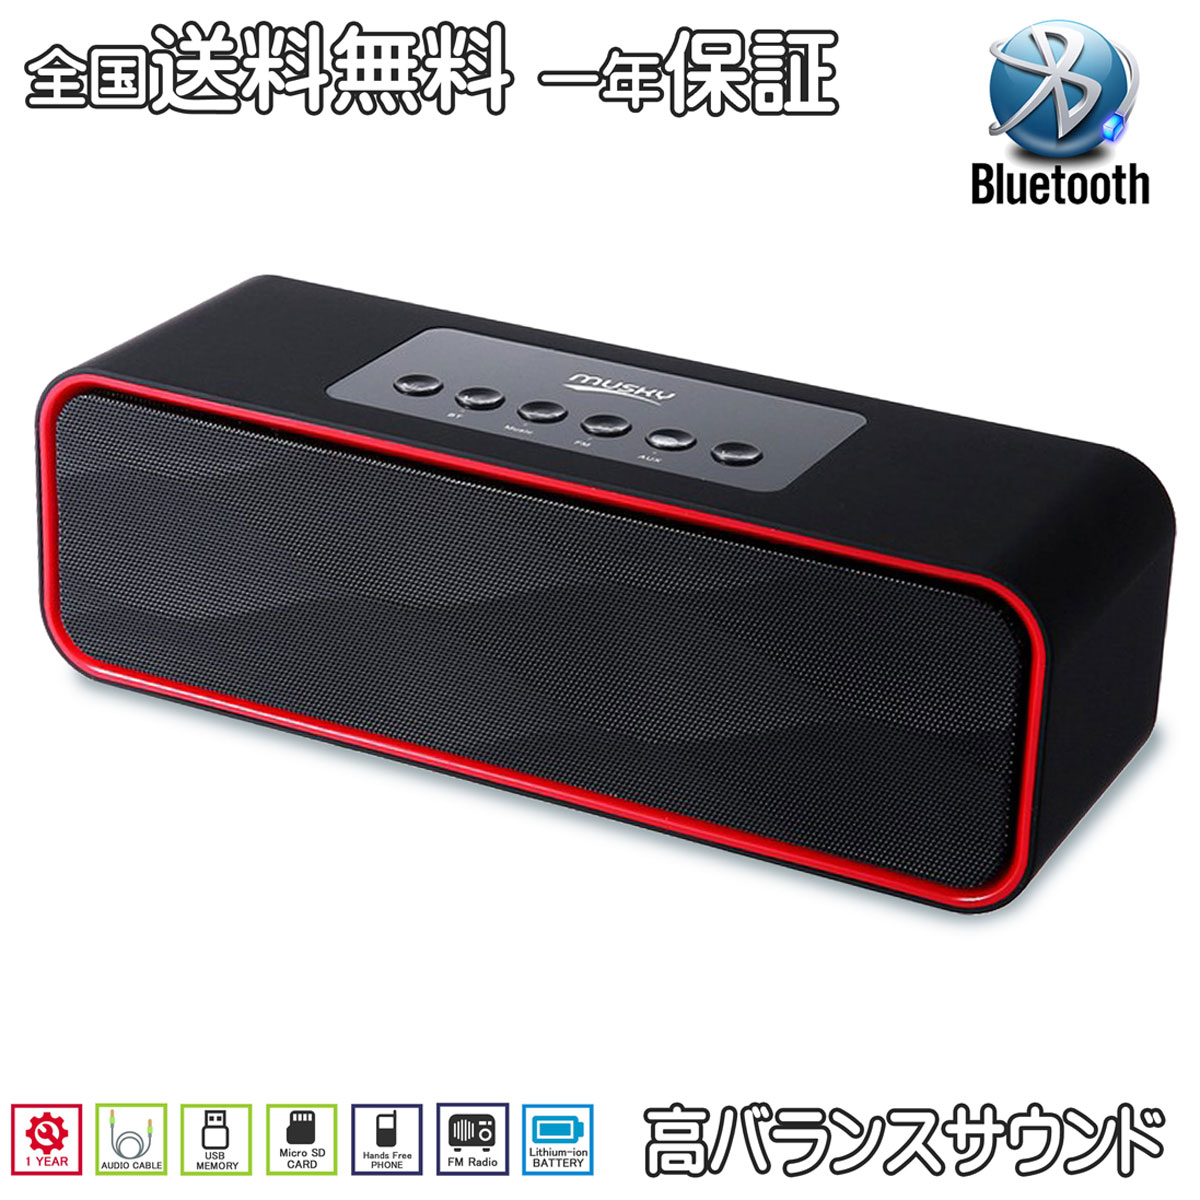 AGM ブルートゥース スピーカー Bluetooth 高音質 高出力 重低音 電話 アウトドア 野外 旅行 屋外 iphone ipad ipod mini pc スマホ コスパ ステレオ ブラック DY22